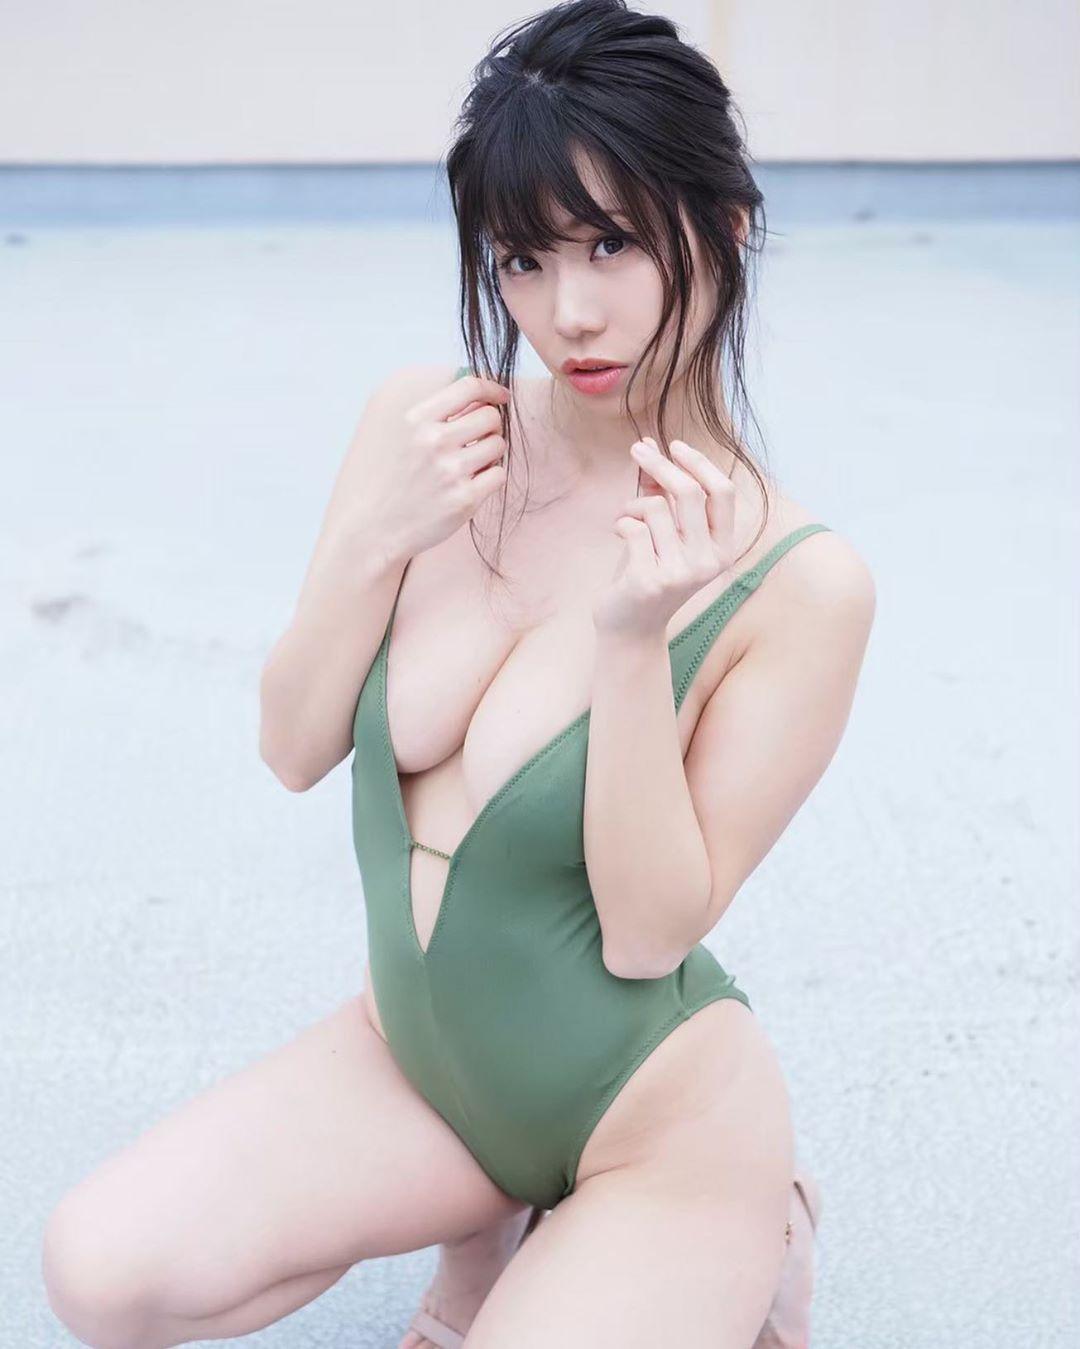 suzuki_fumina298.jpg